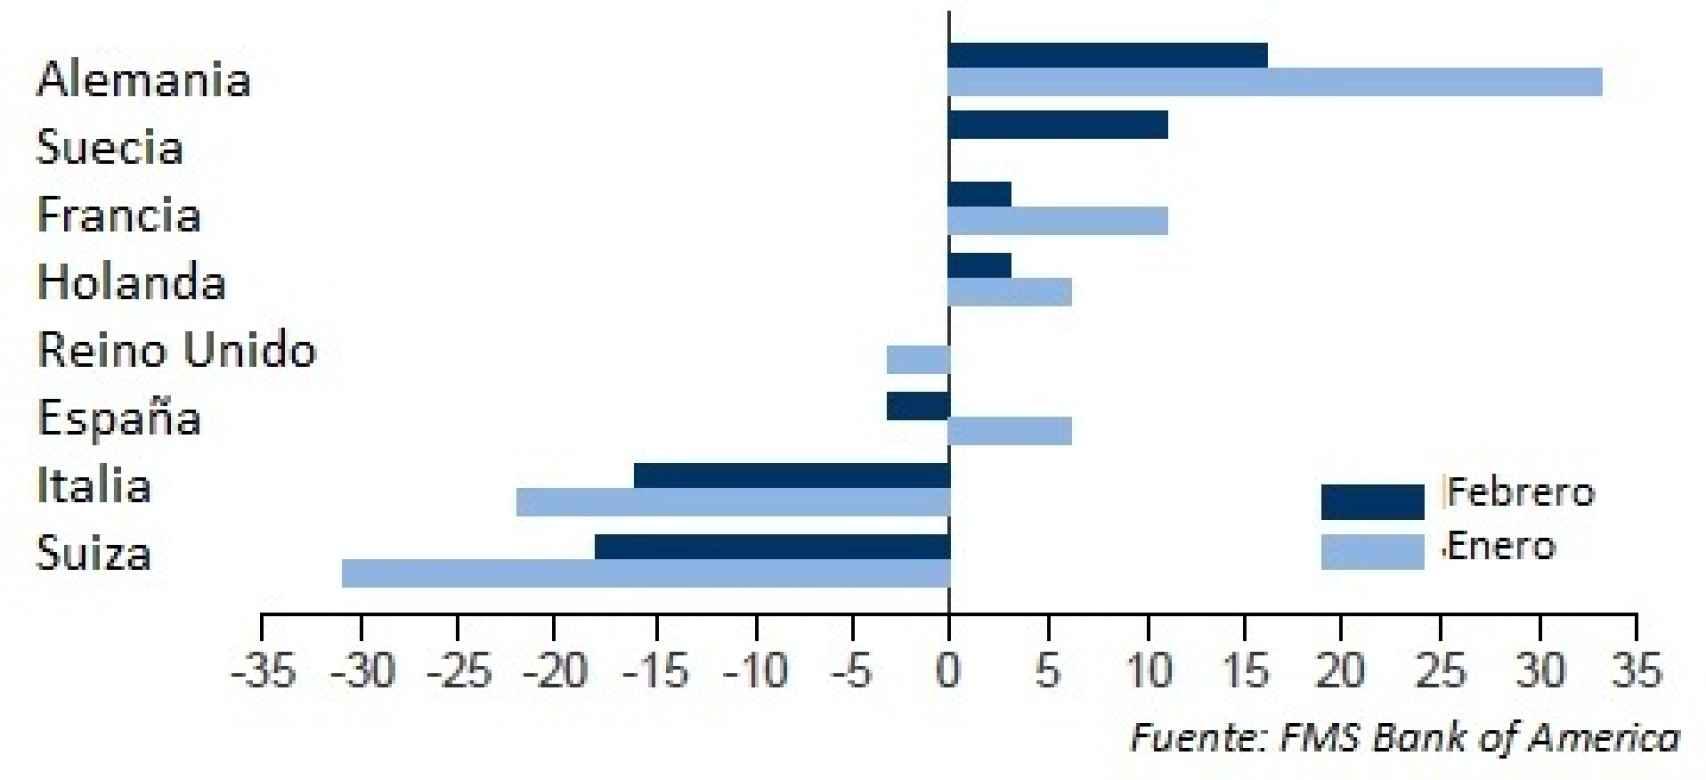 Preferencias de inversión de gestores profesionales en los mercados europeos.